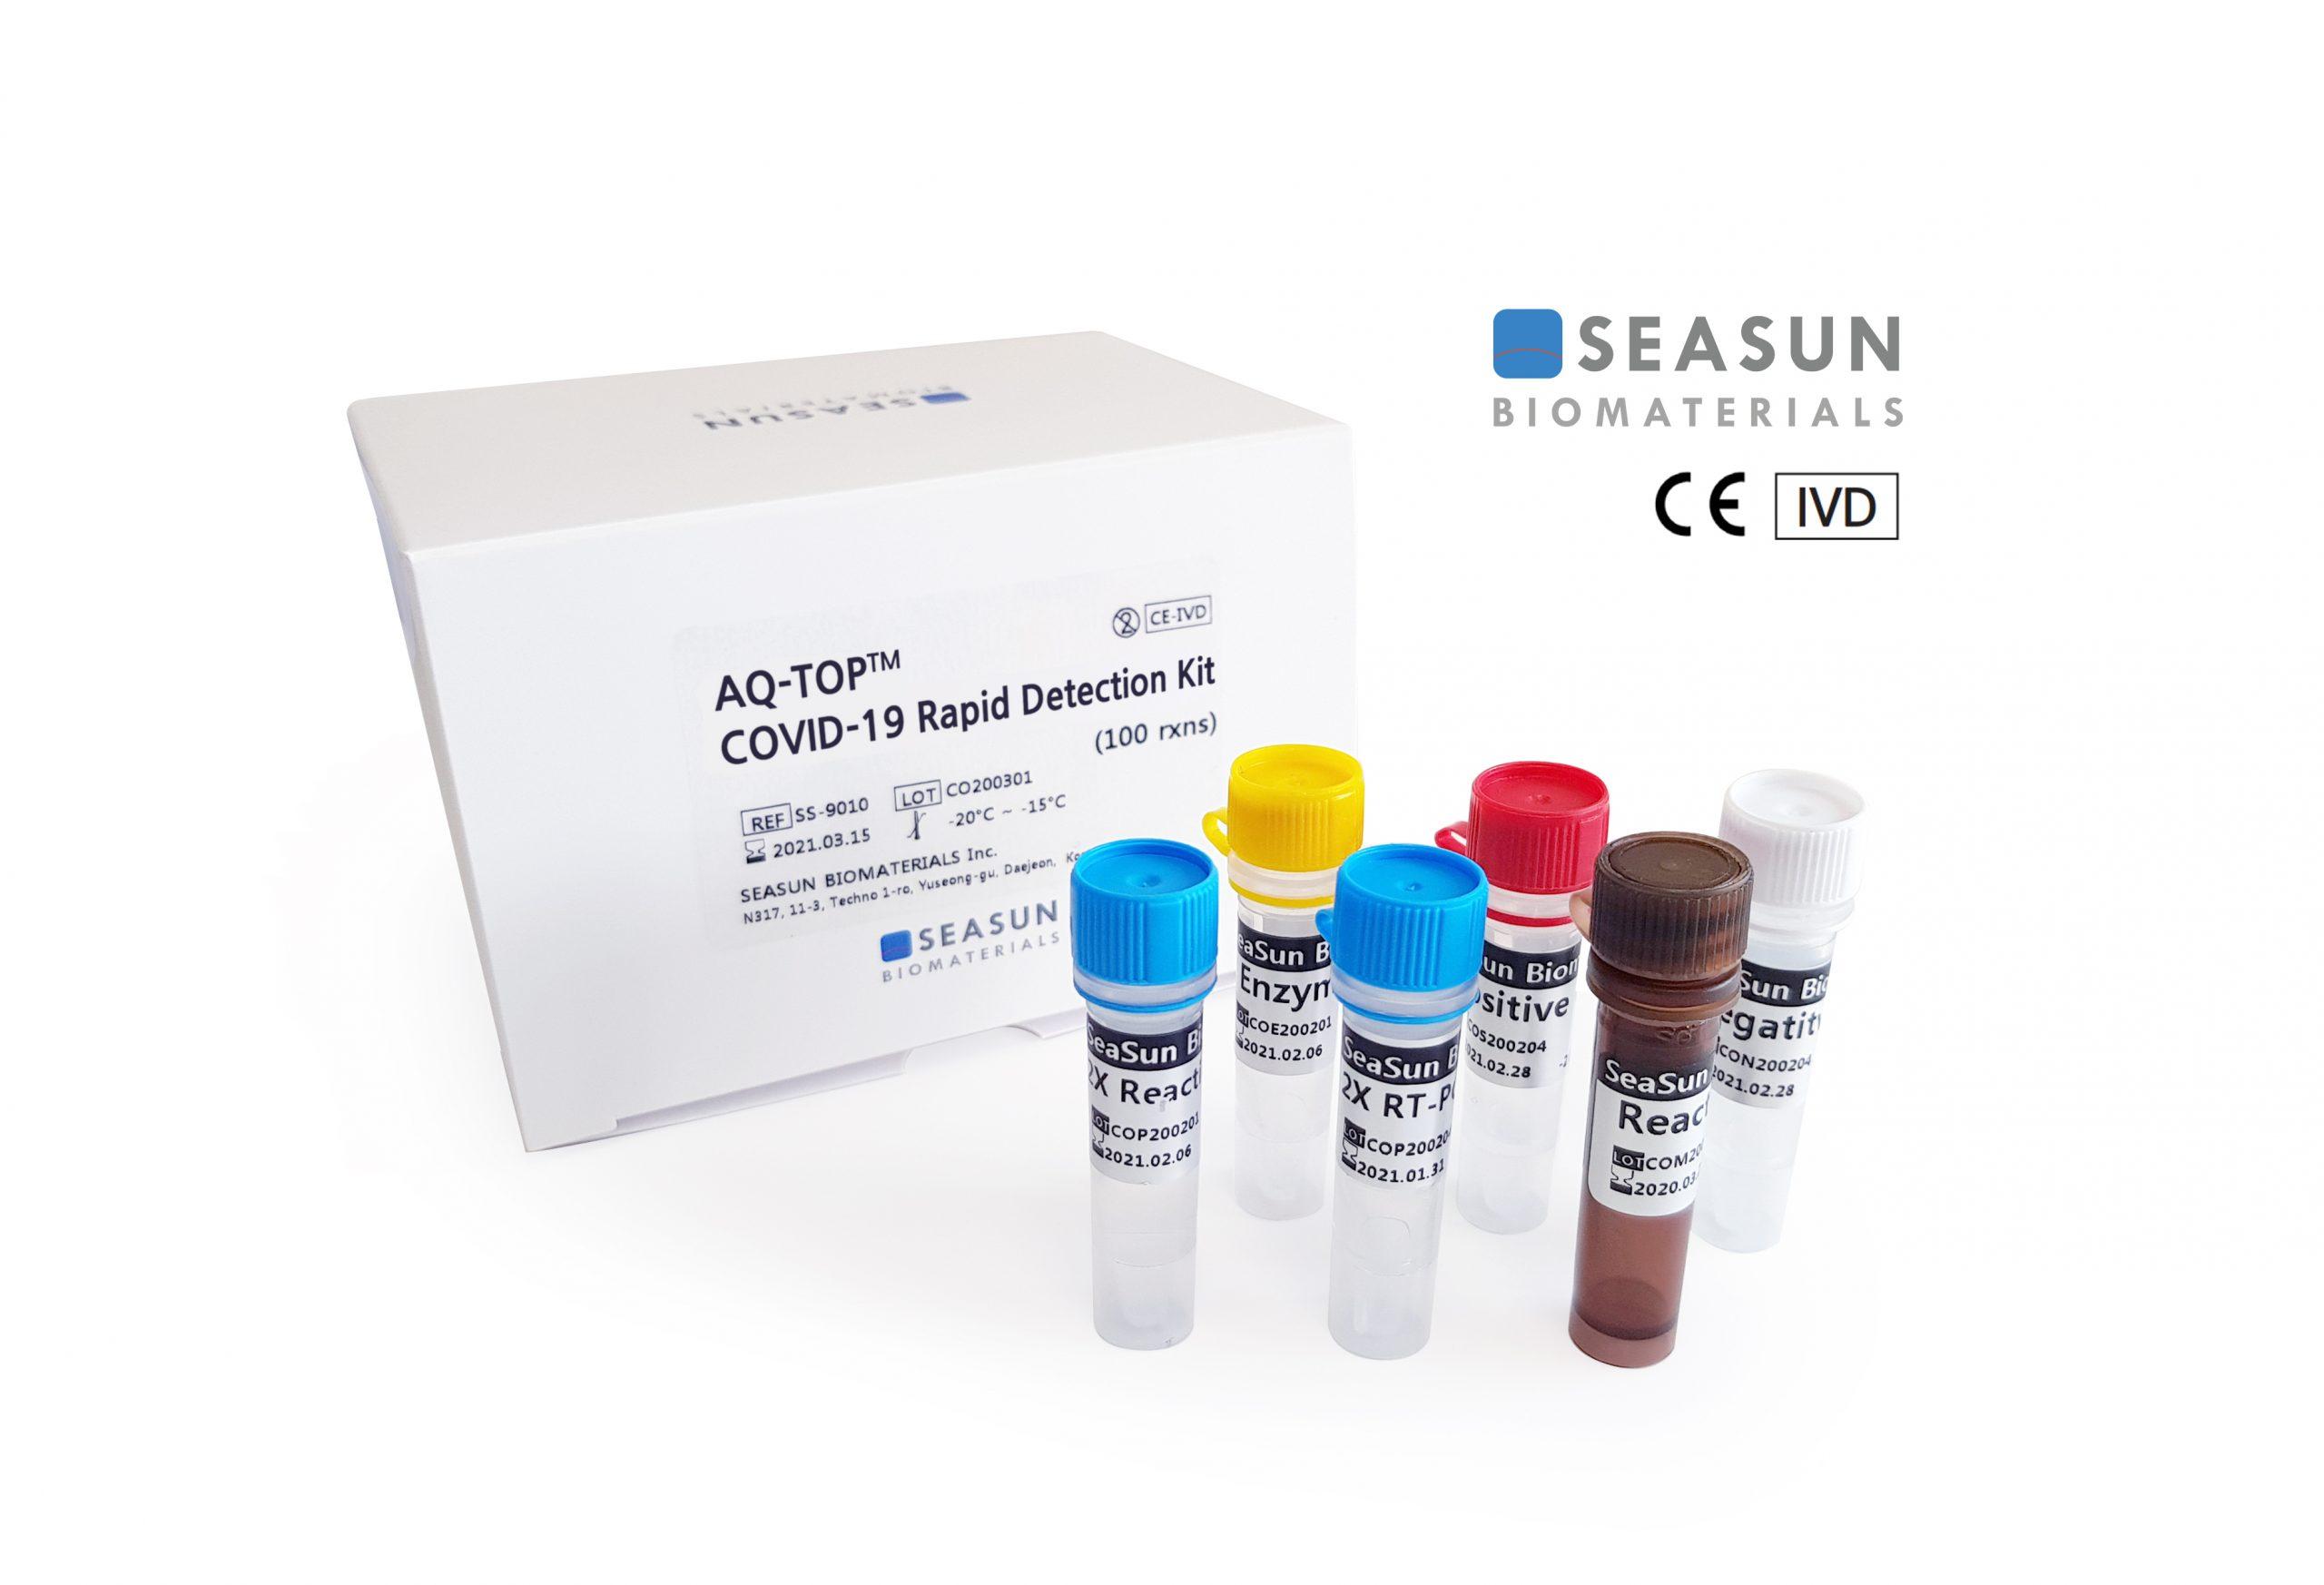 SEASUN BIOMATERIALS เตรียมเปิดตัวชุดตรวจโควิด-19 ระดับโมเลกุล รู้ผลอย่างรวดเร็ว